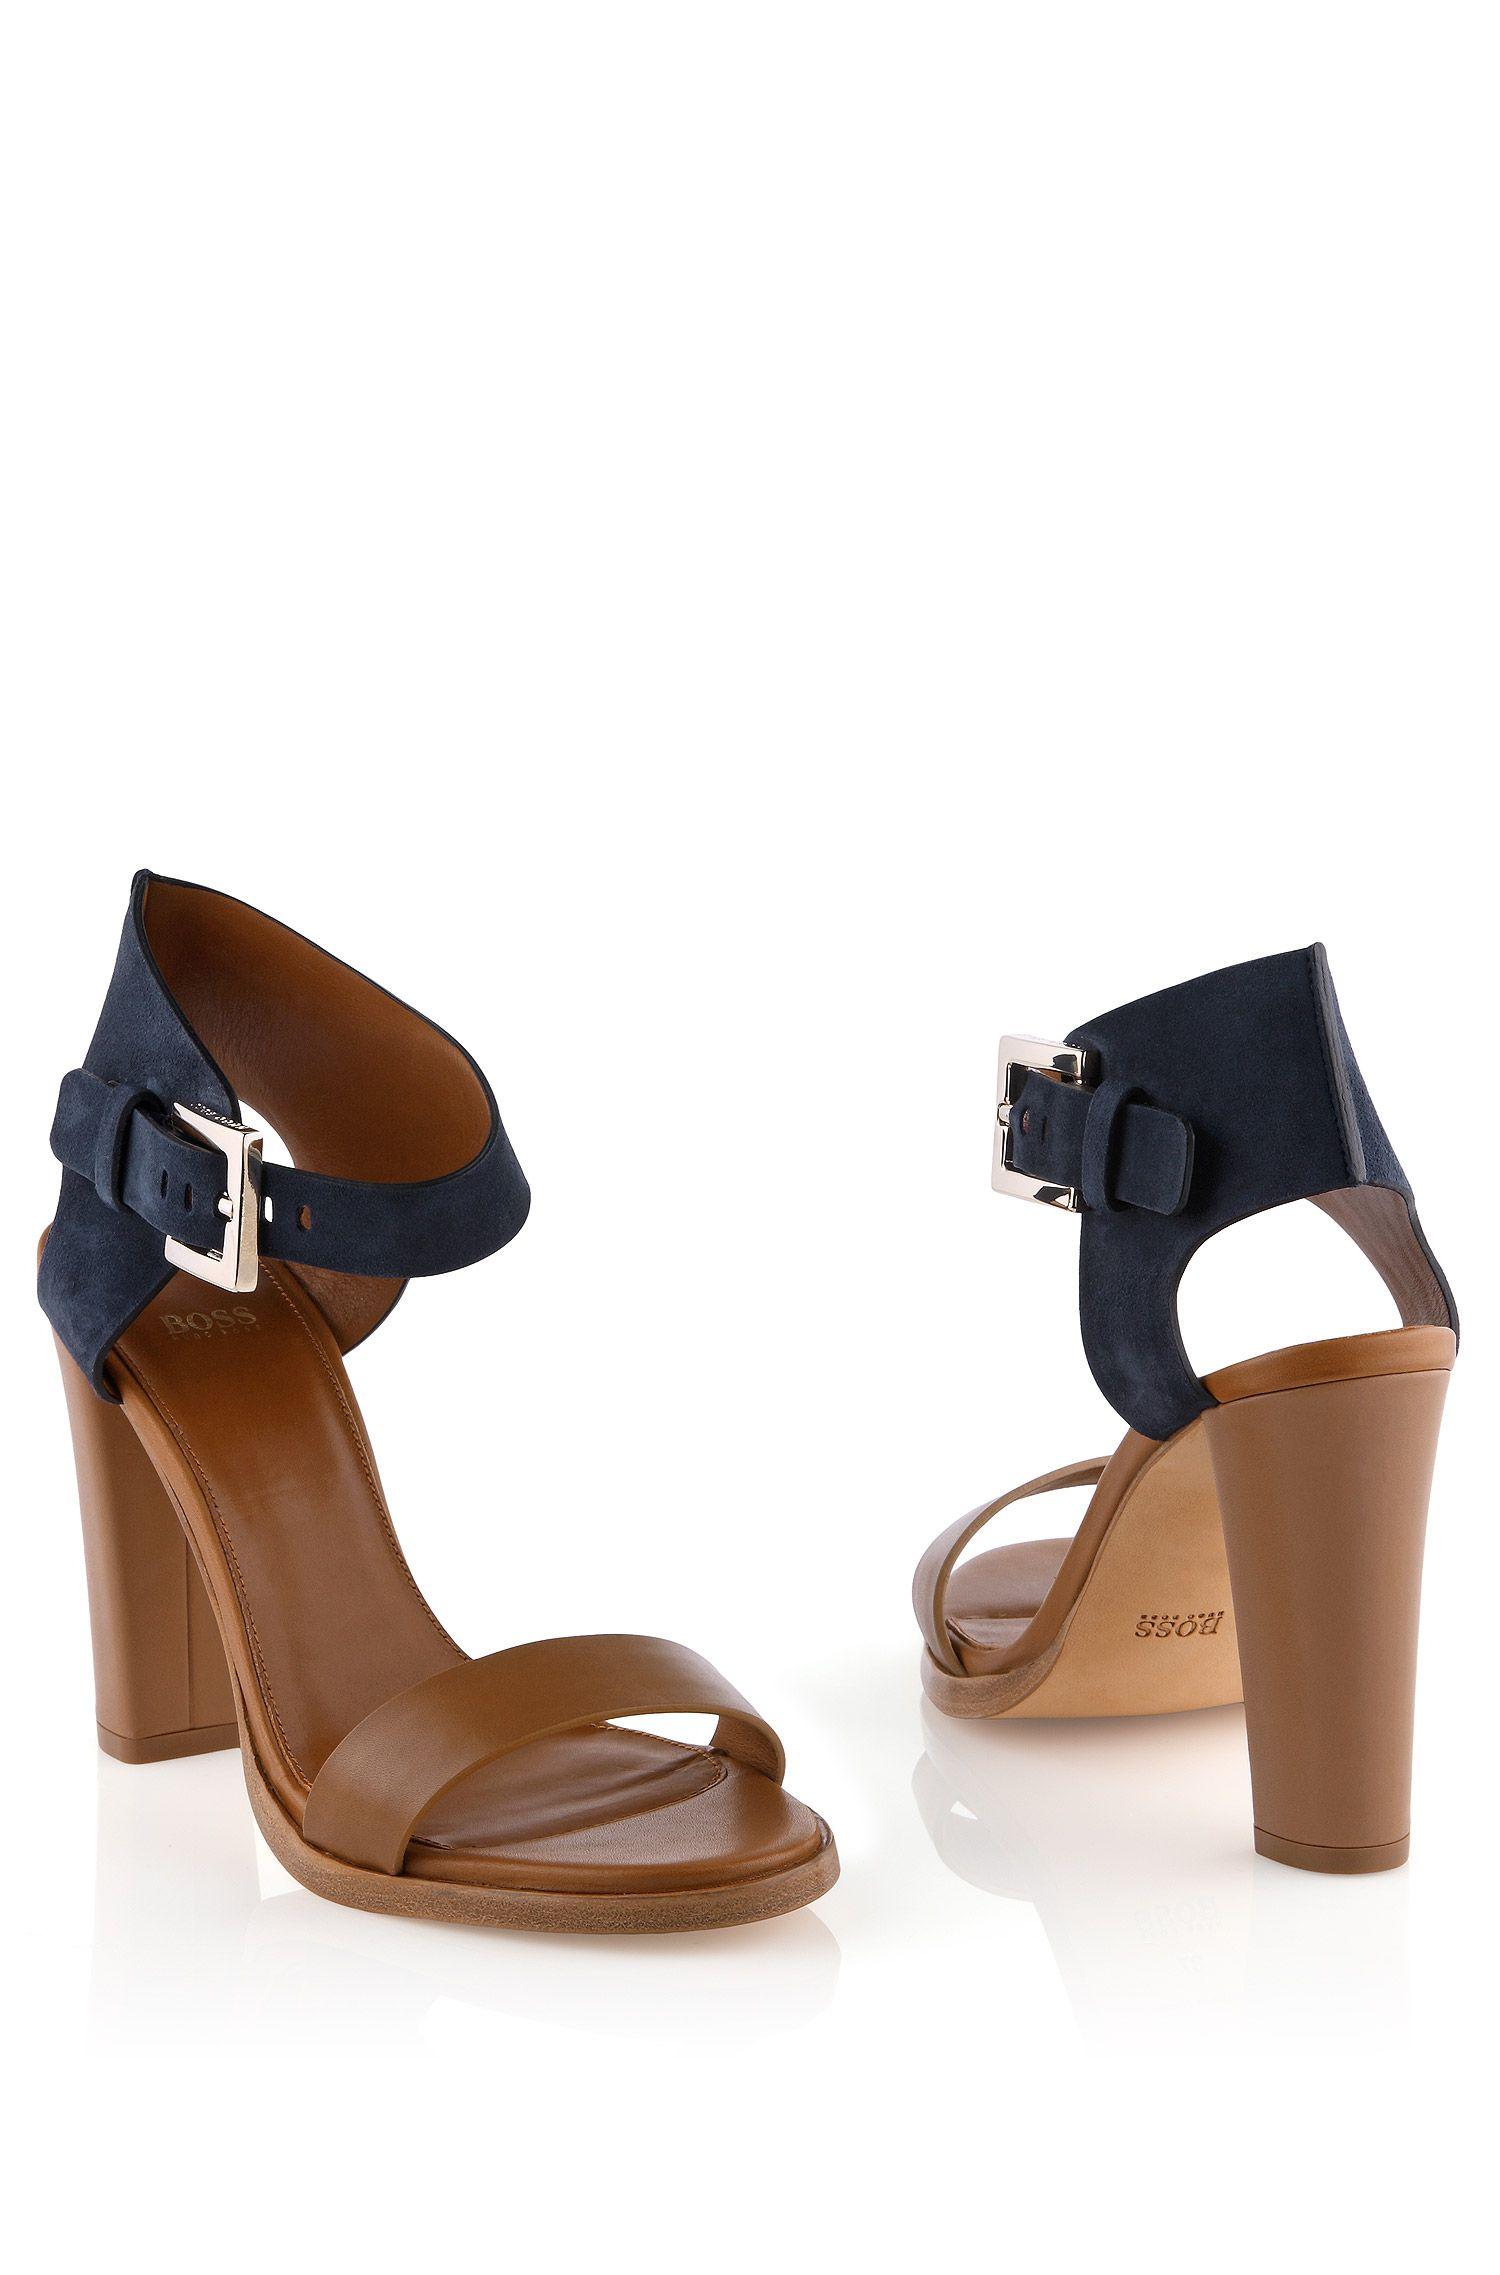 Sandales en cuir de vachette mélangé, Skelli